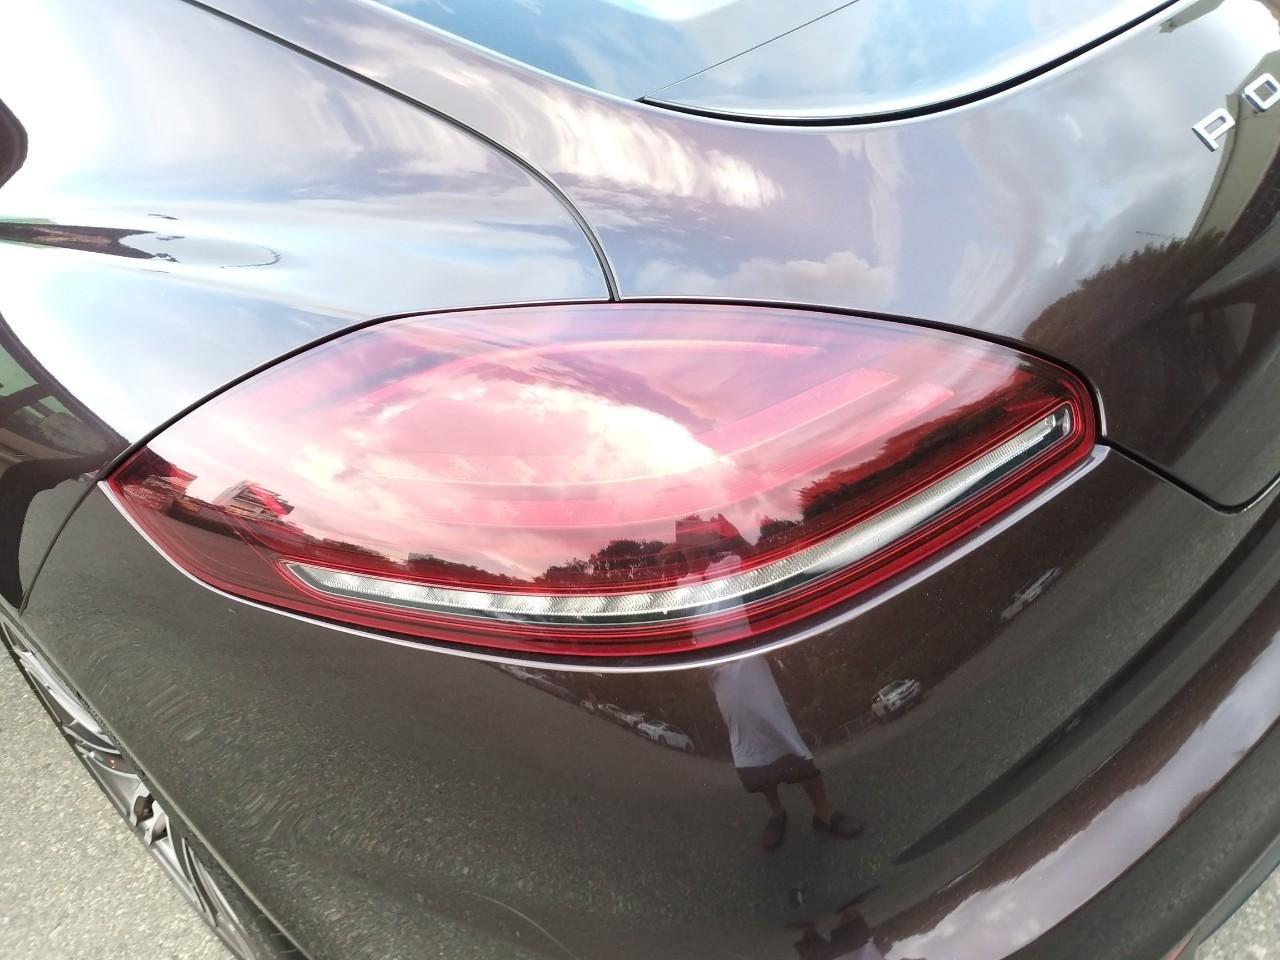 Porsche Panamera, nhà trùm mền, cực mới 99% như xe thùng, không có chiếc thứ 2 mới được vậy, Full option hãng 1 tỷ, bán rẻ 3 tỷ 450 (7)